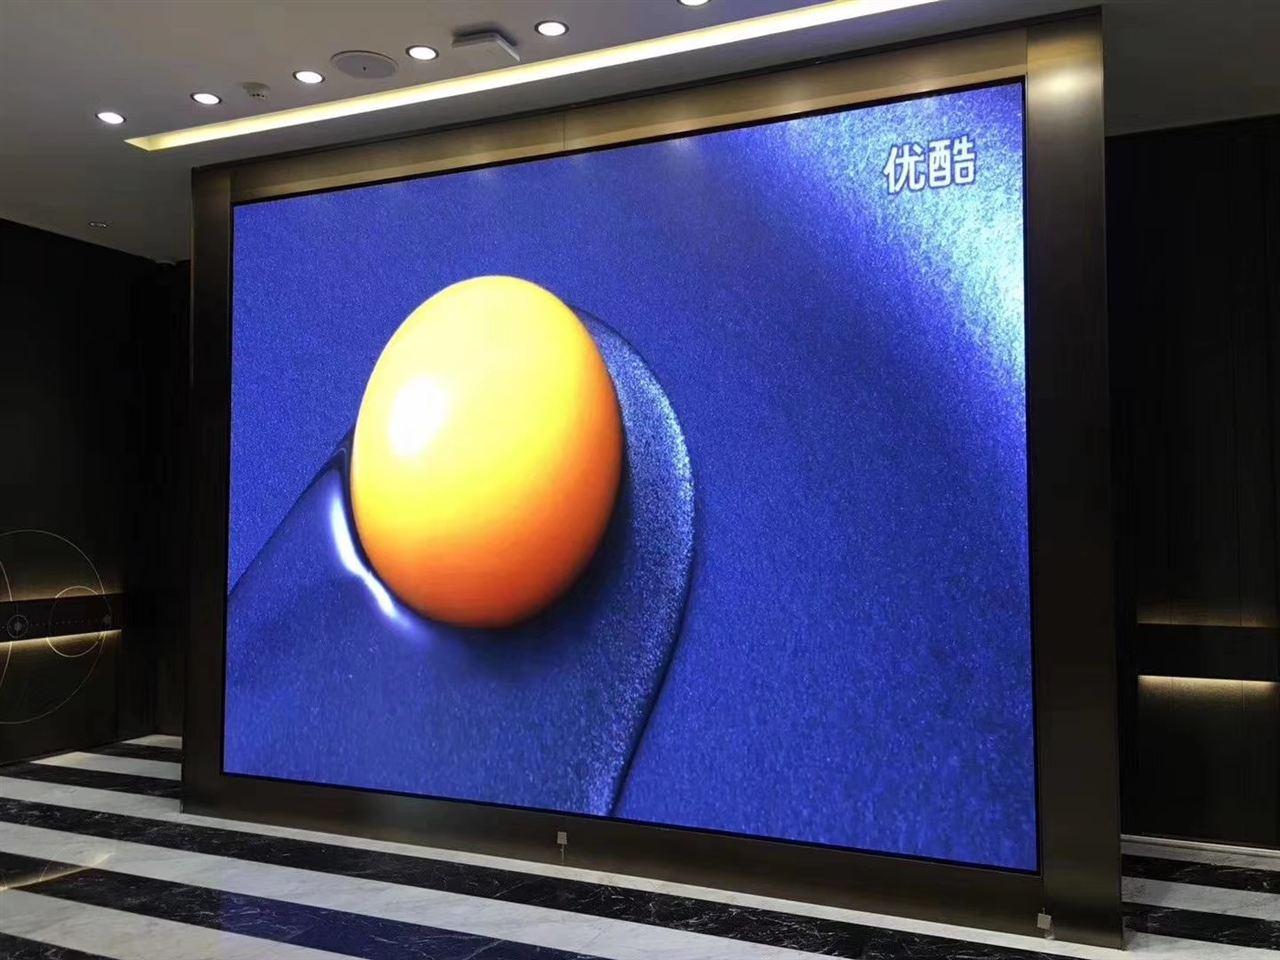 亮度及可视角度室内全餐饮的彩屏要在800cd/m2以上,室外全亮度的彩屏调研设计亮度图片